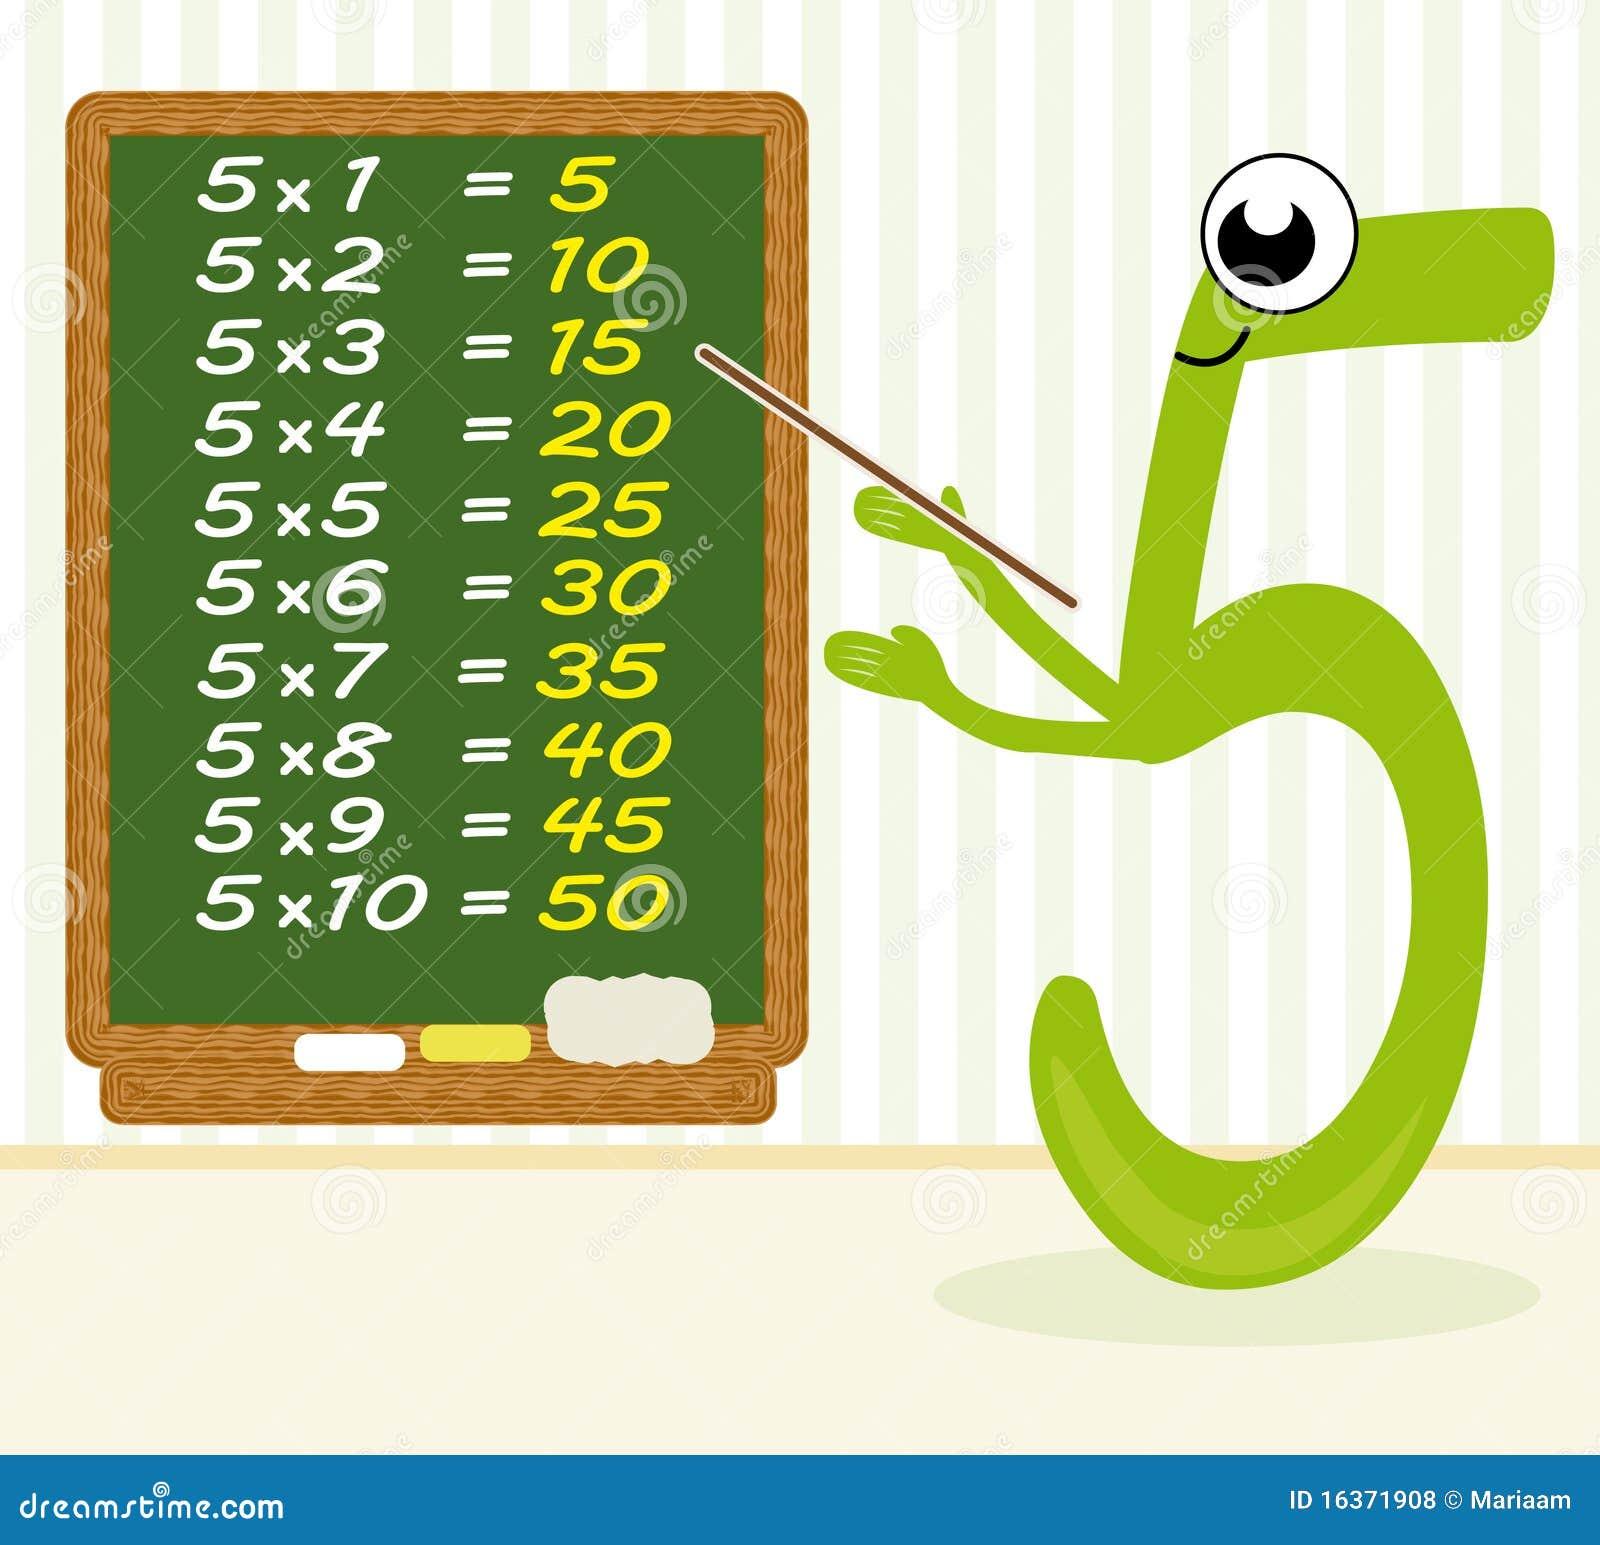 Multiplication Stock Illustrations – 2,737 Multiplication Stock ...